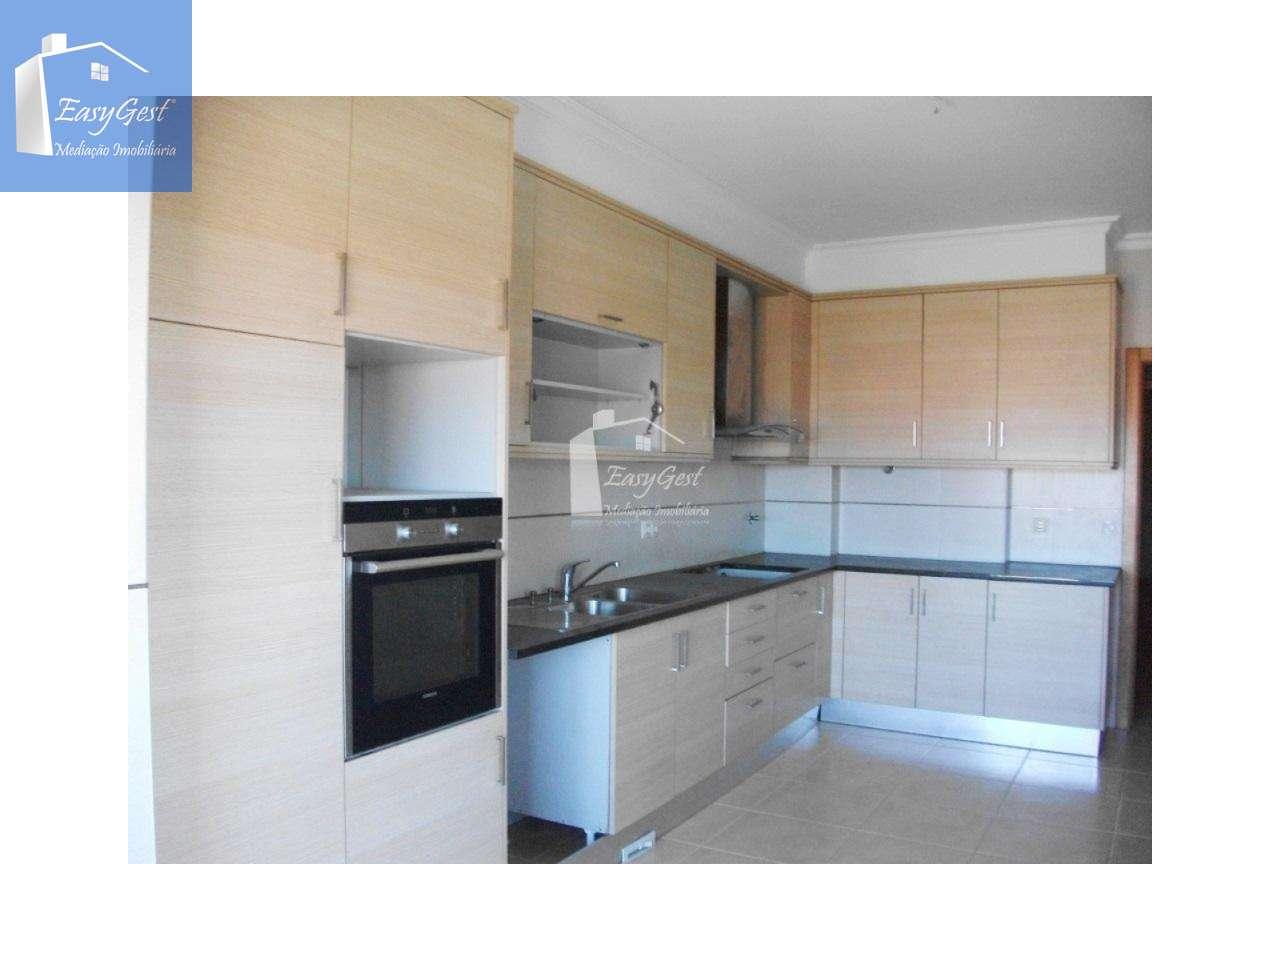 Apartamento para comprar, Tavarede, Figueira da Foz, Coimbra - Foto 3